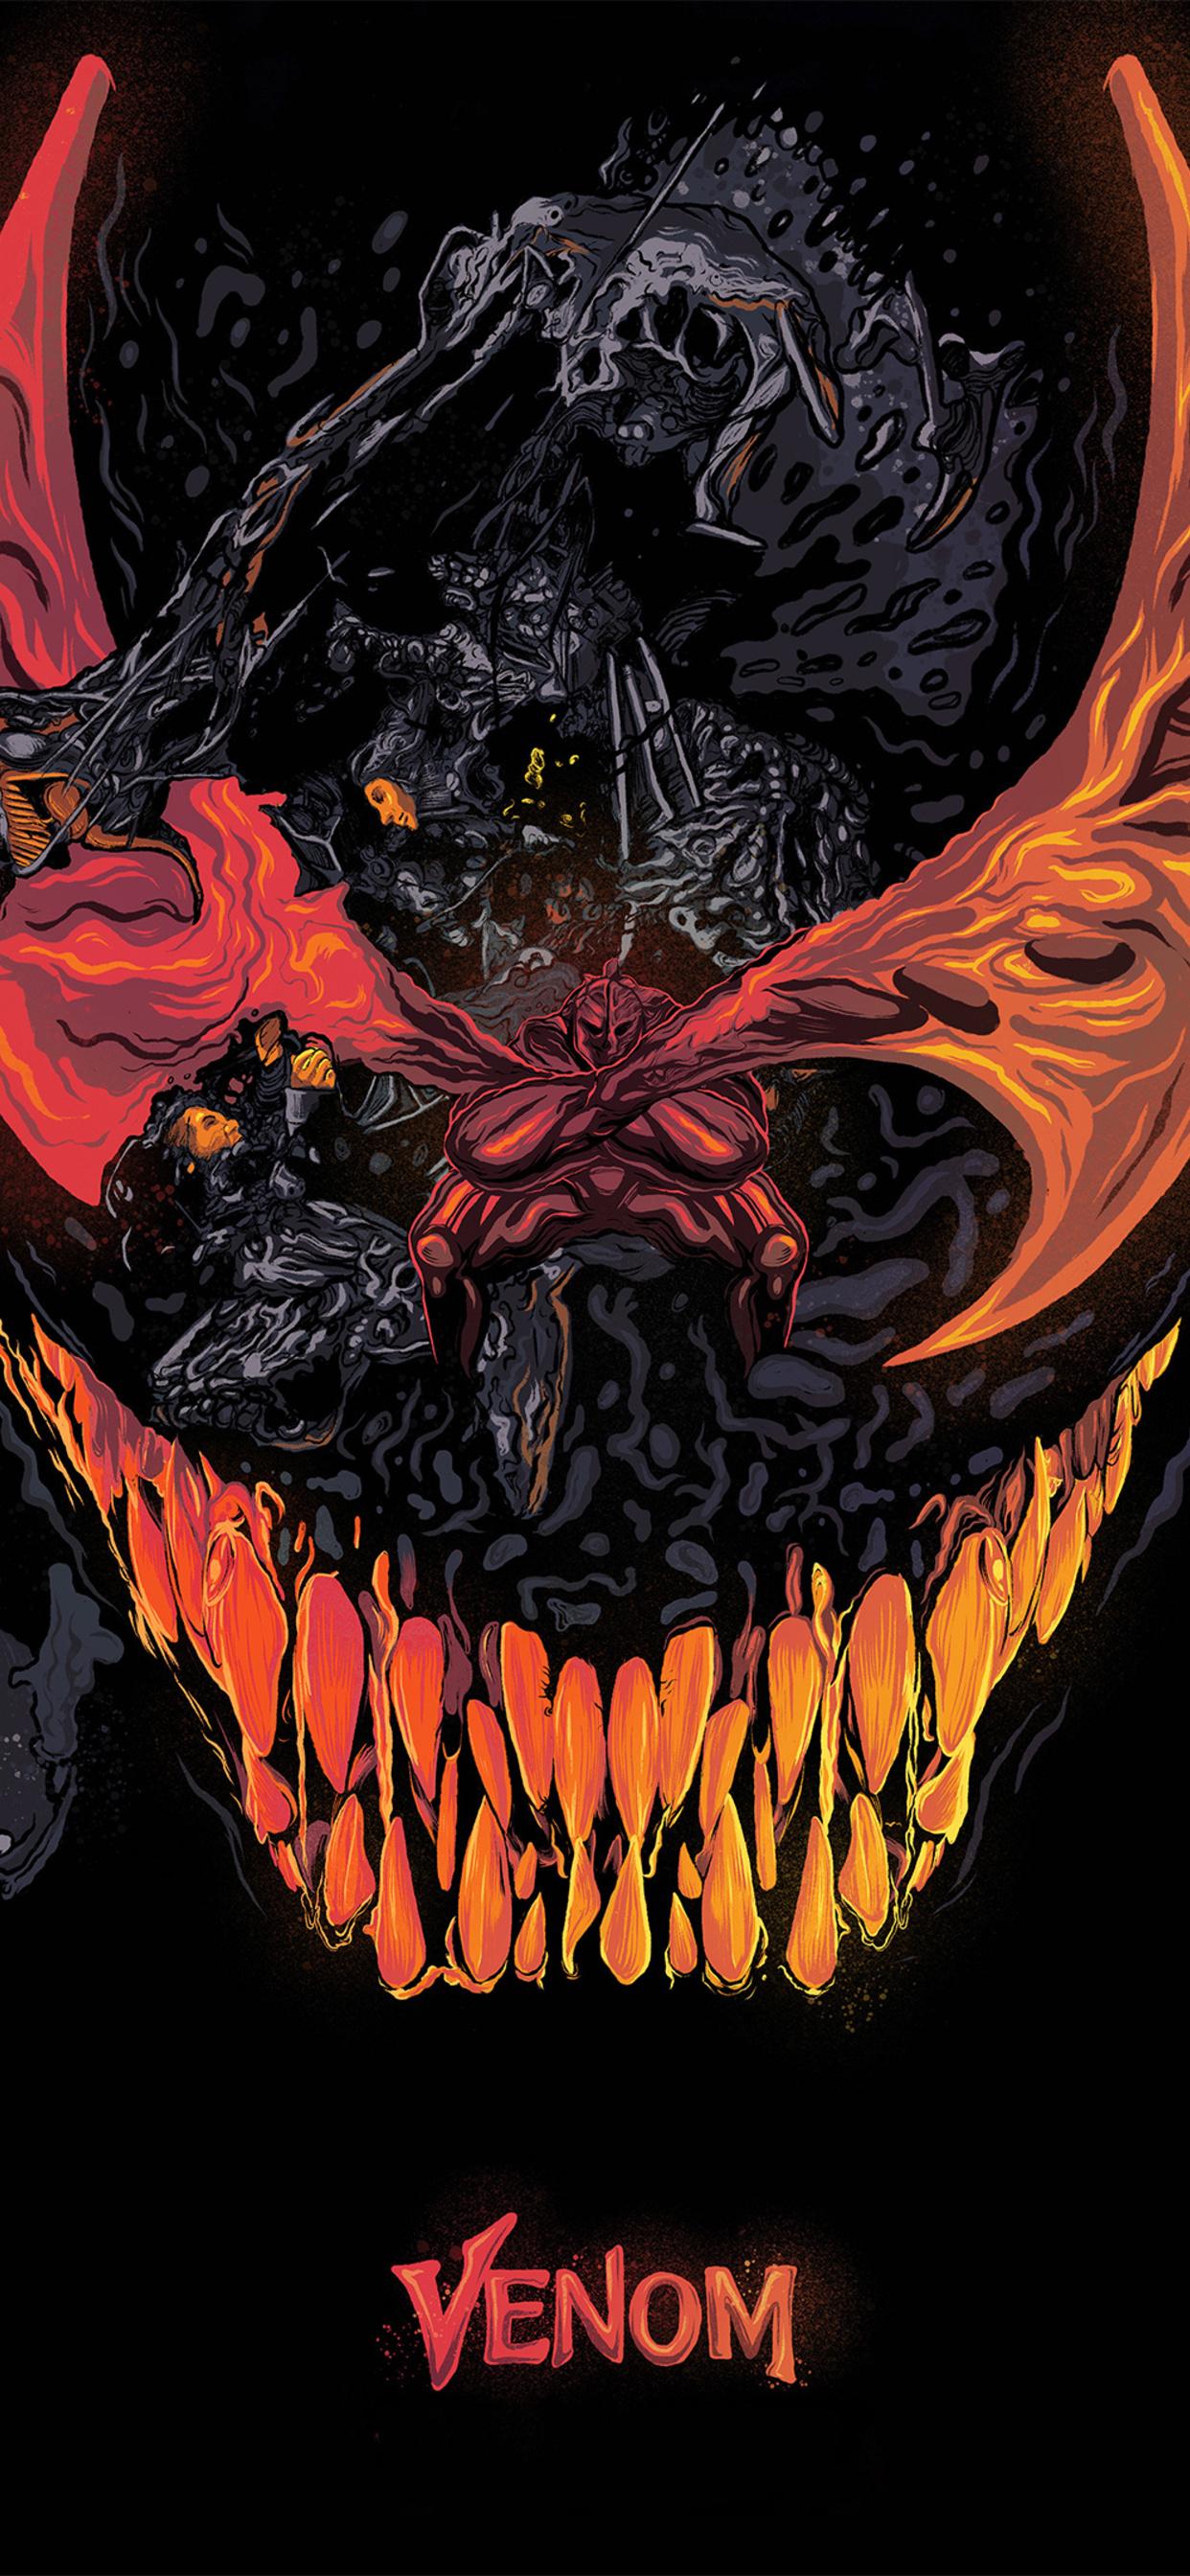 1242x2688 Venom Movie Artworks 4k Iphone Xs Max Hd 4k